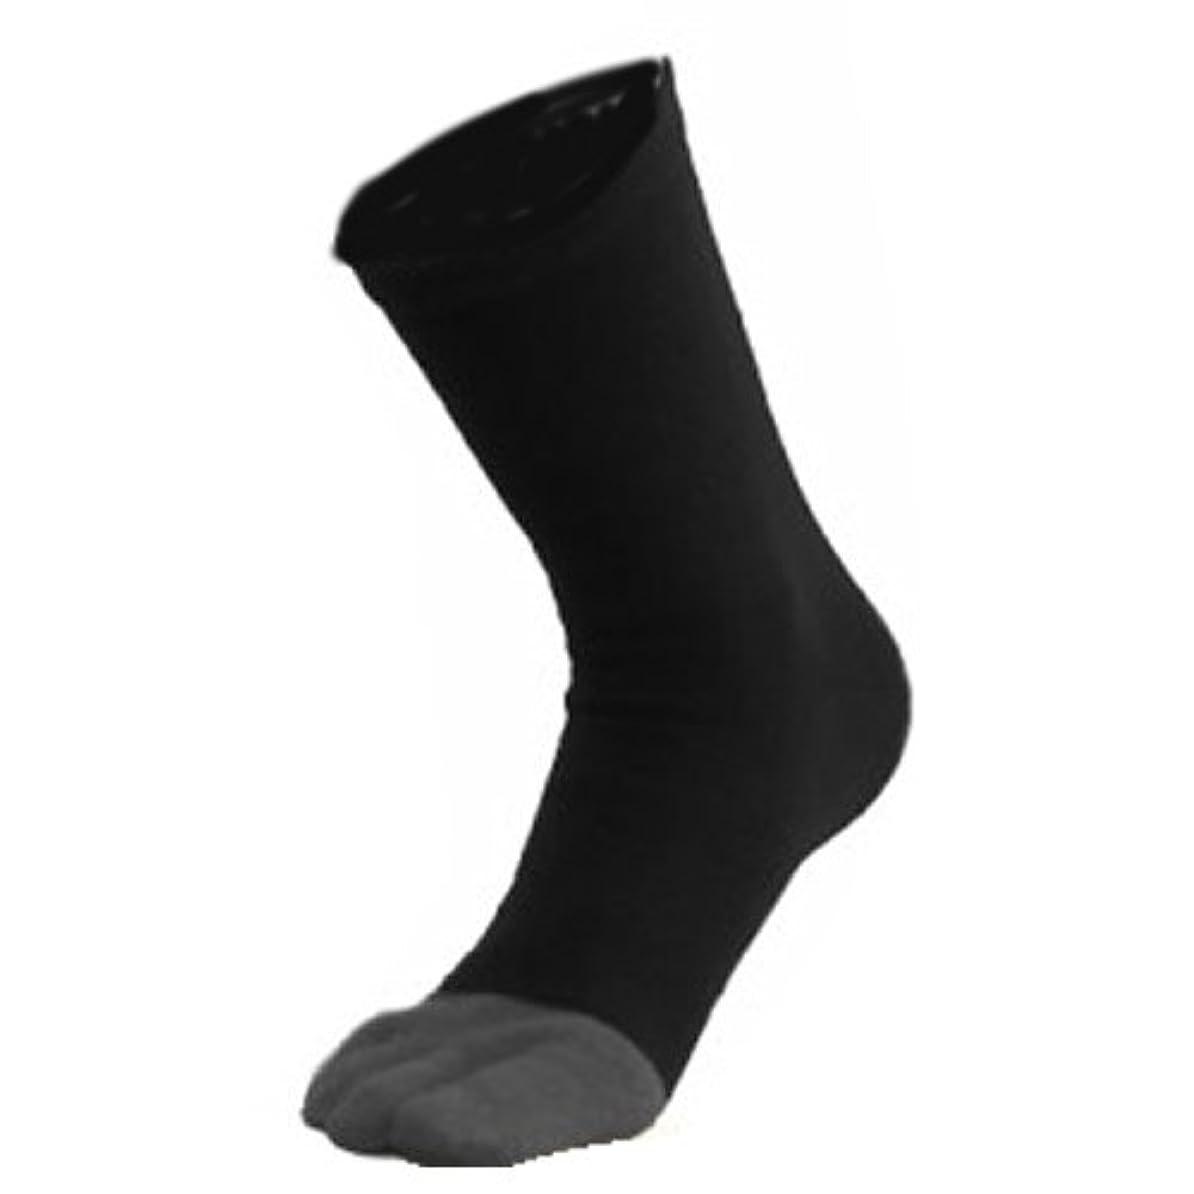 子ベックス見える指先まであったか靴下 ブラック×チャコールグレー